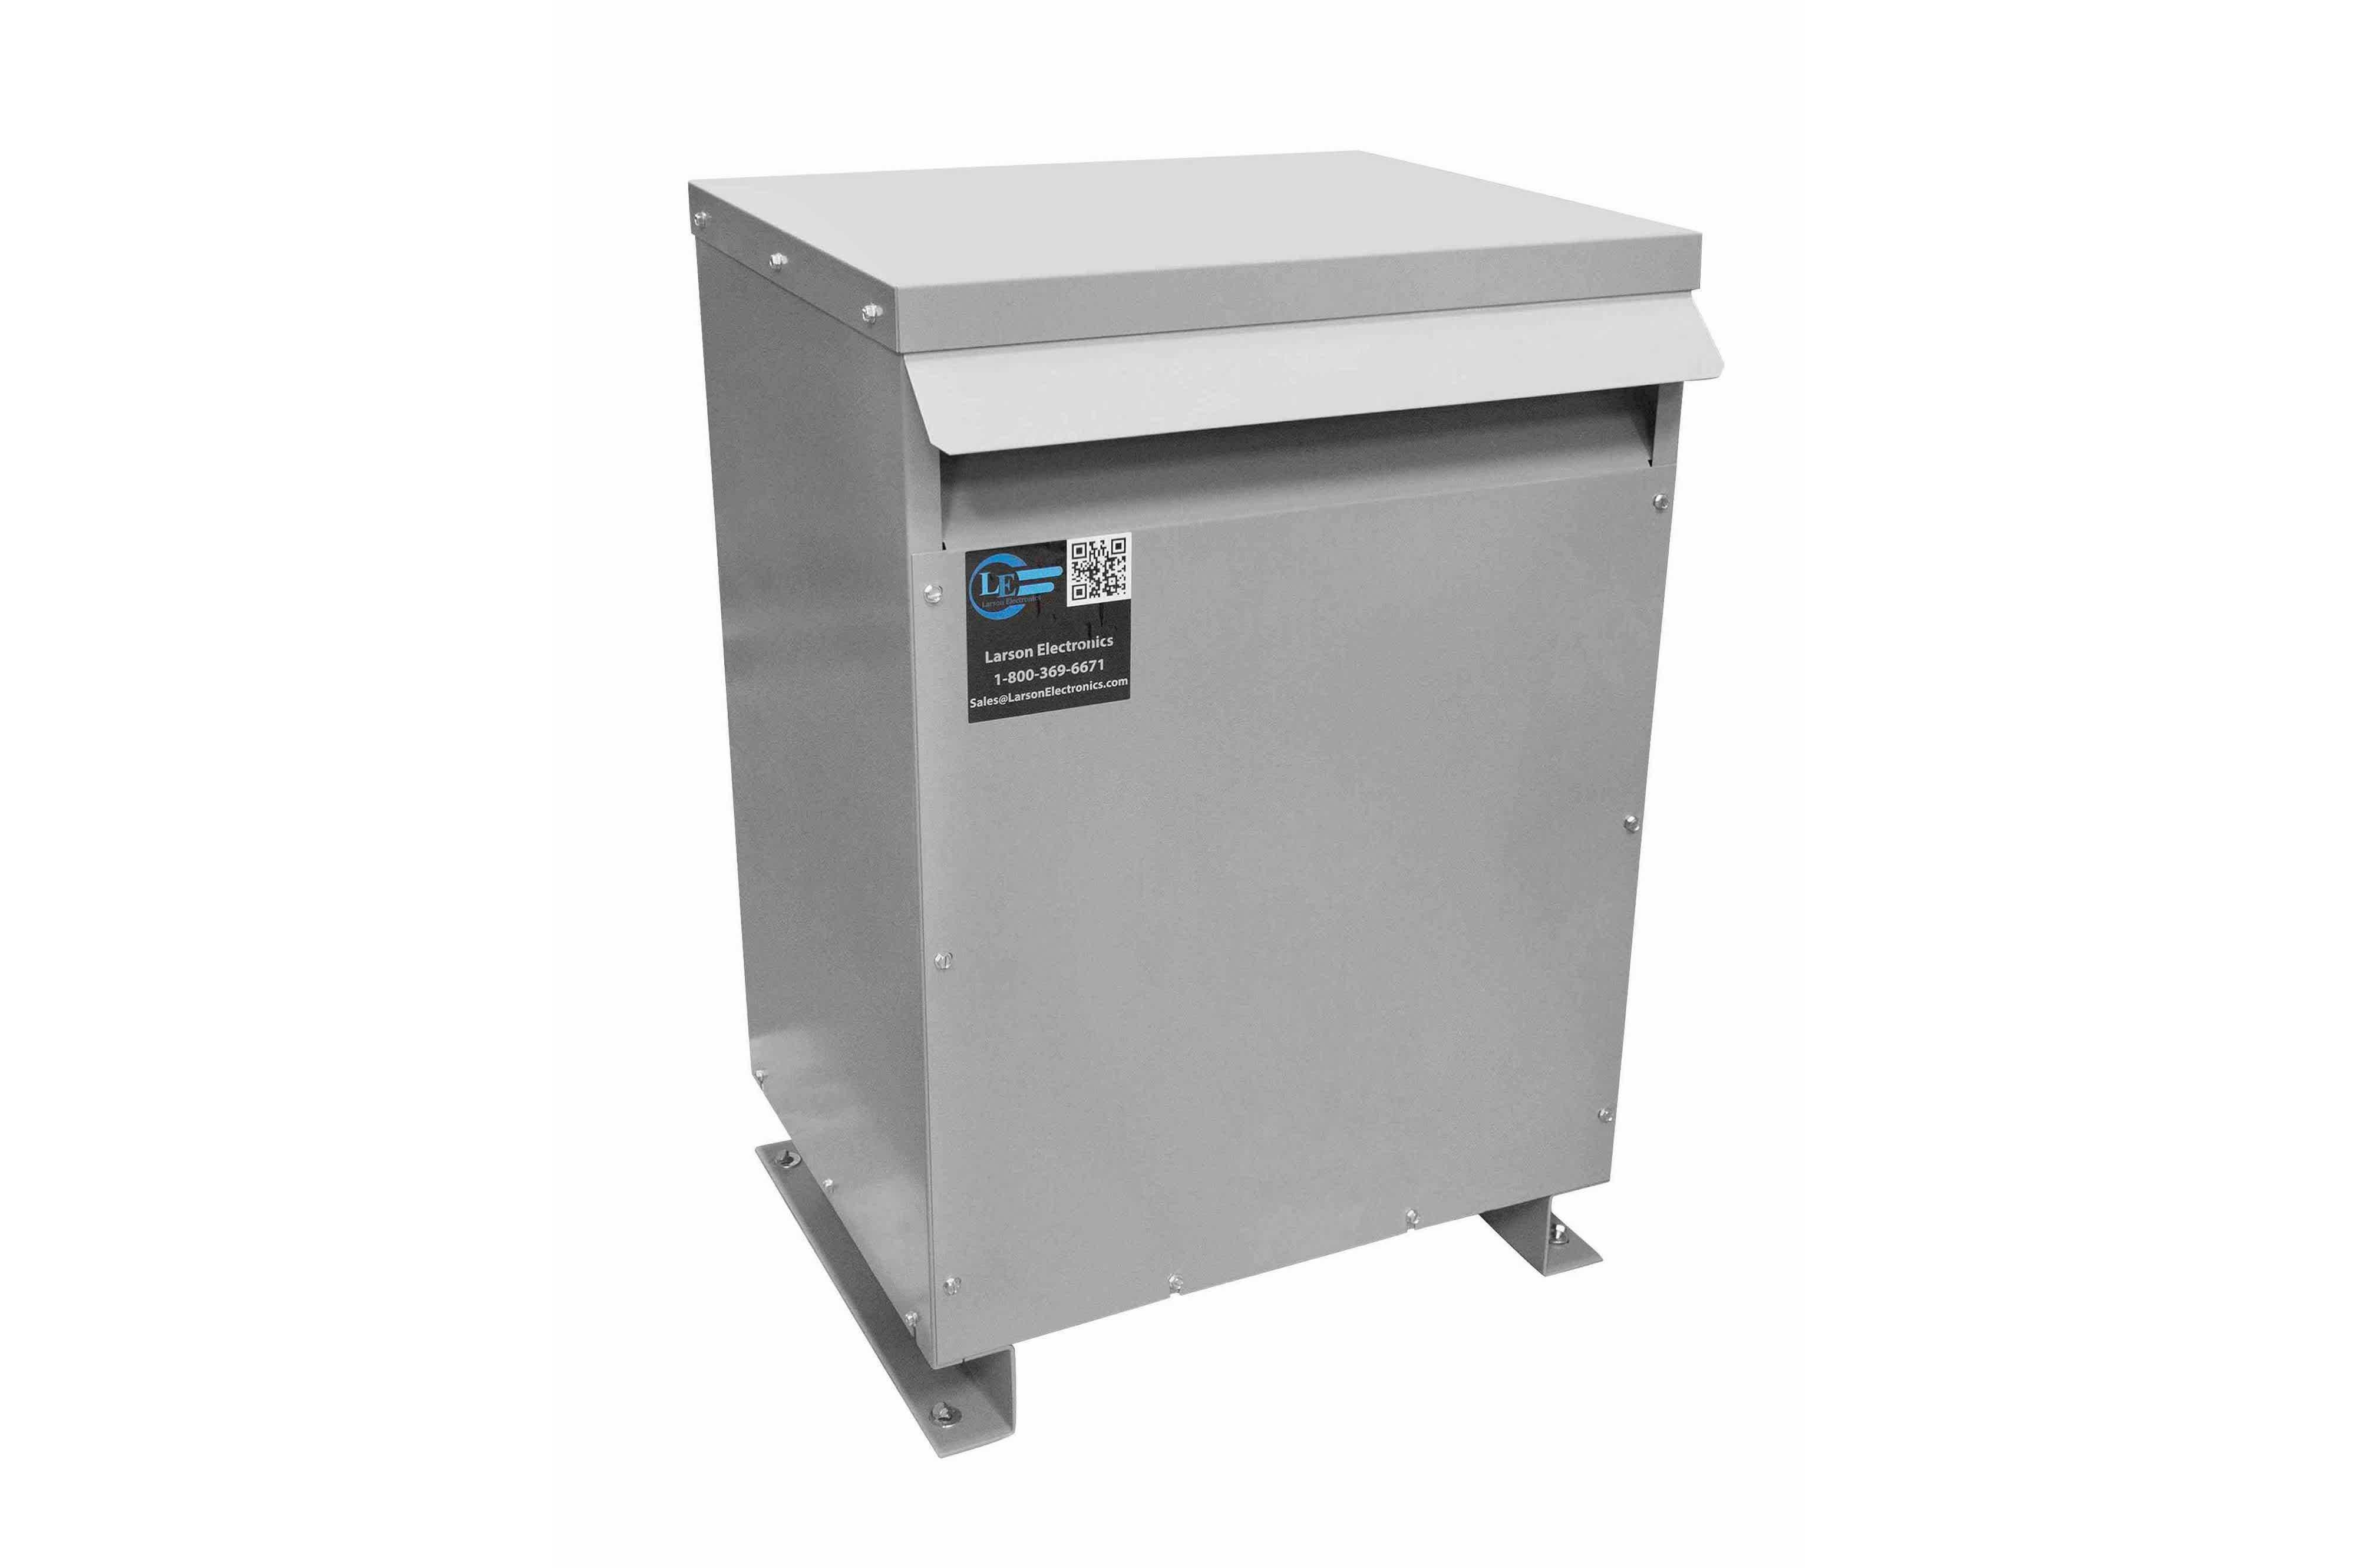 32.5 kVA 3PH Isolation Transformer, 600V Delta Primary, 460V Delta Secondary, N3R, Ventilated, 60 Hz